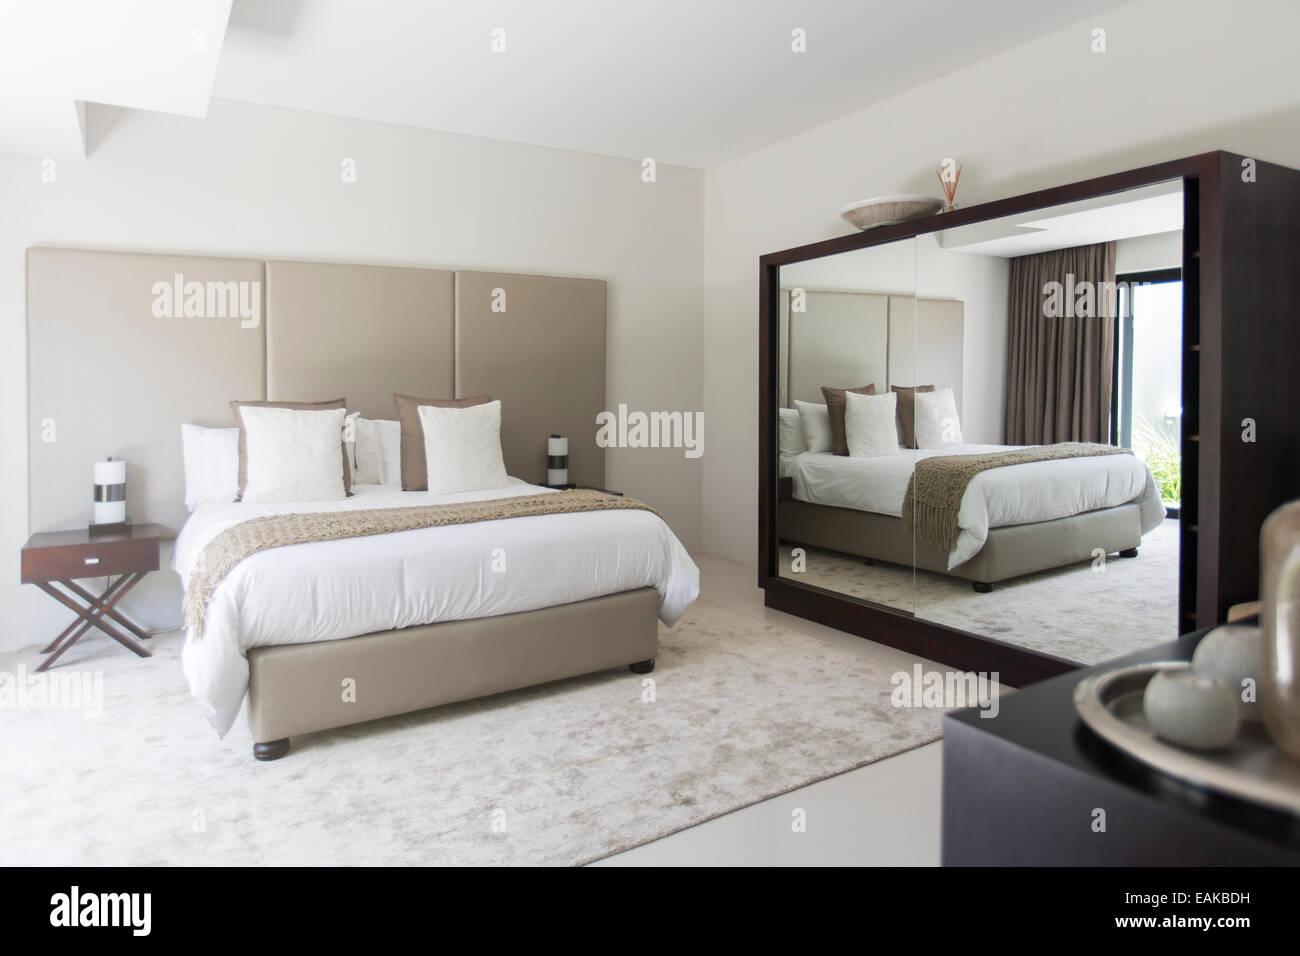 Weisse Und Beige Modernes Schlafzimmer Mit Doppelbett Spiegel